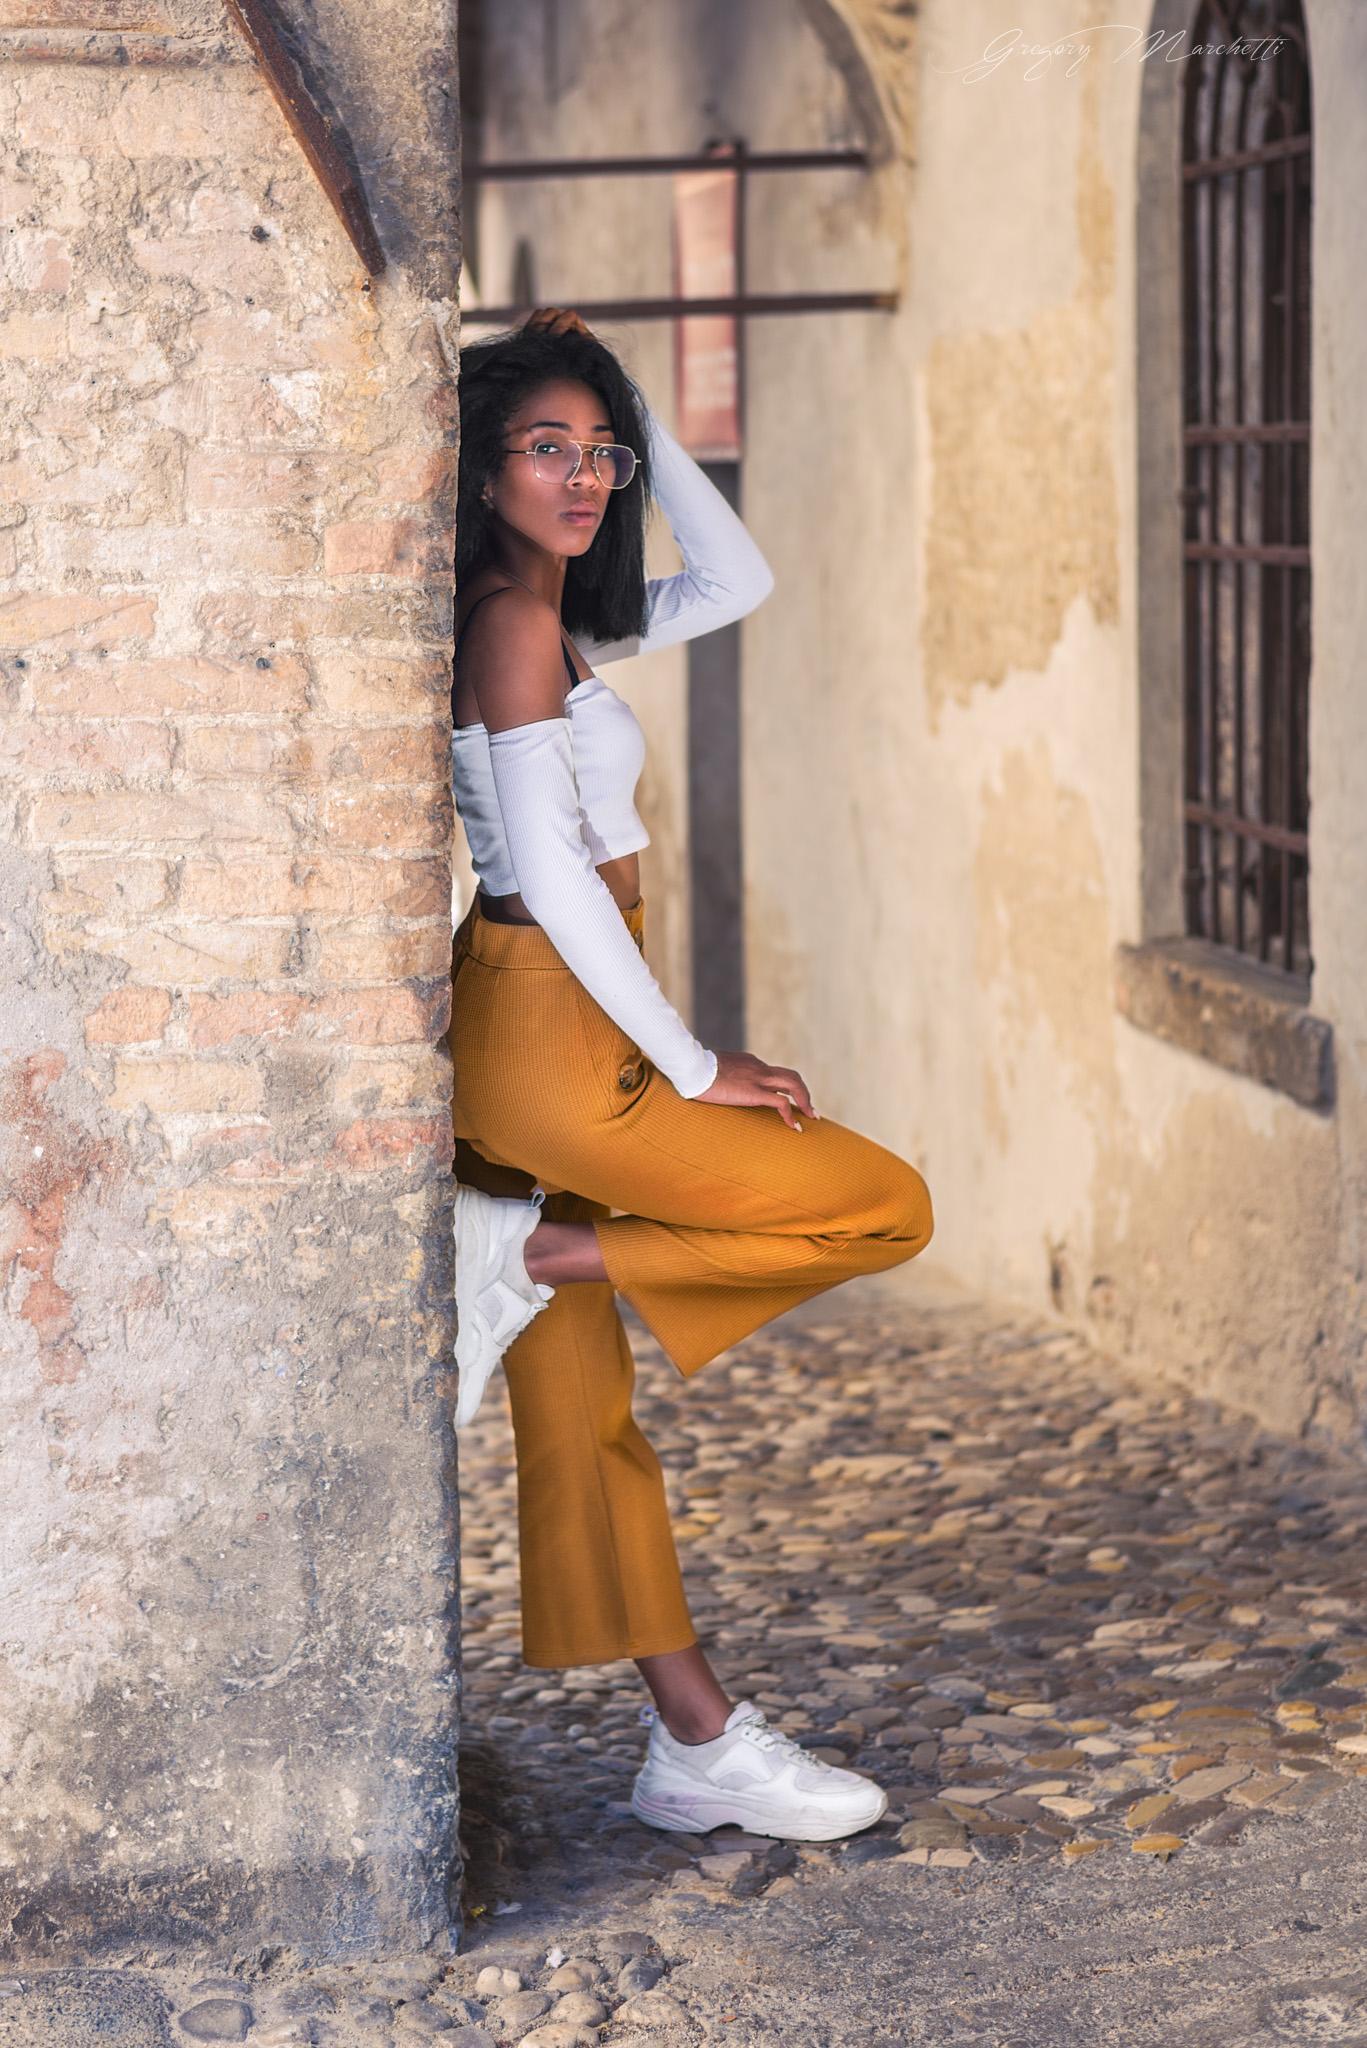 Categorie: Fashion, Glamour, Portrait; Photo: GREGORY MARCHETTI; Model: MARIAN PELLEGRINET; Location: Conegliano, TV